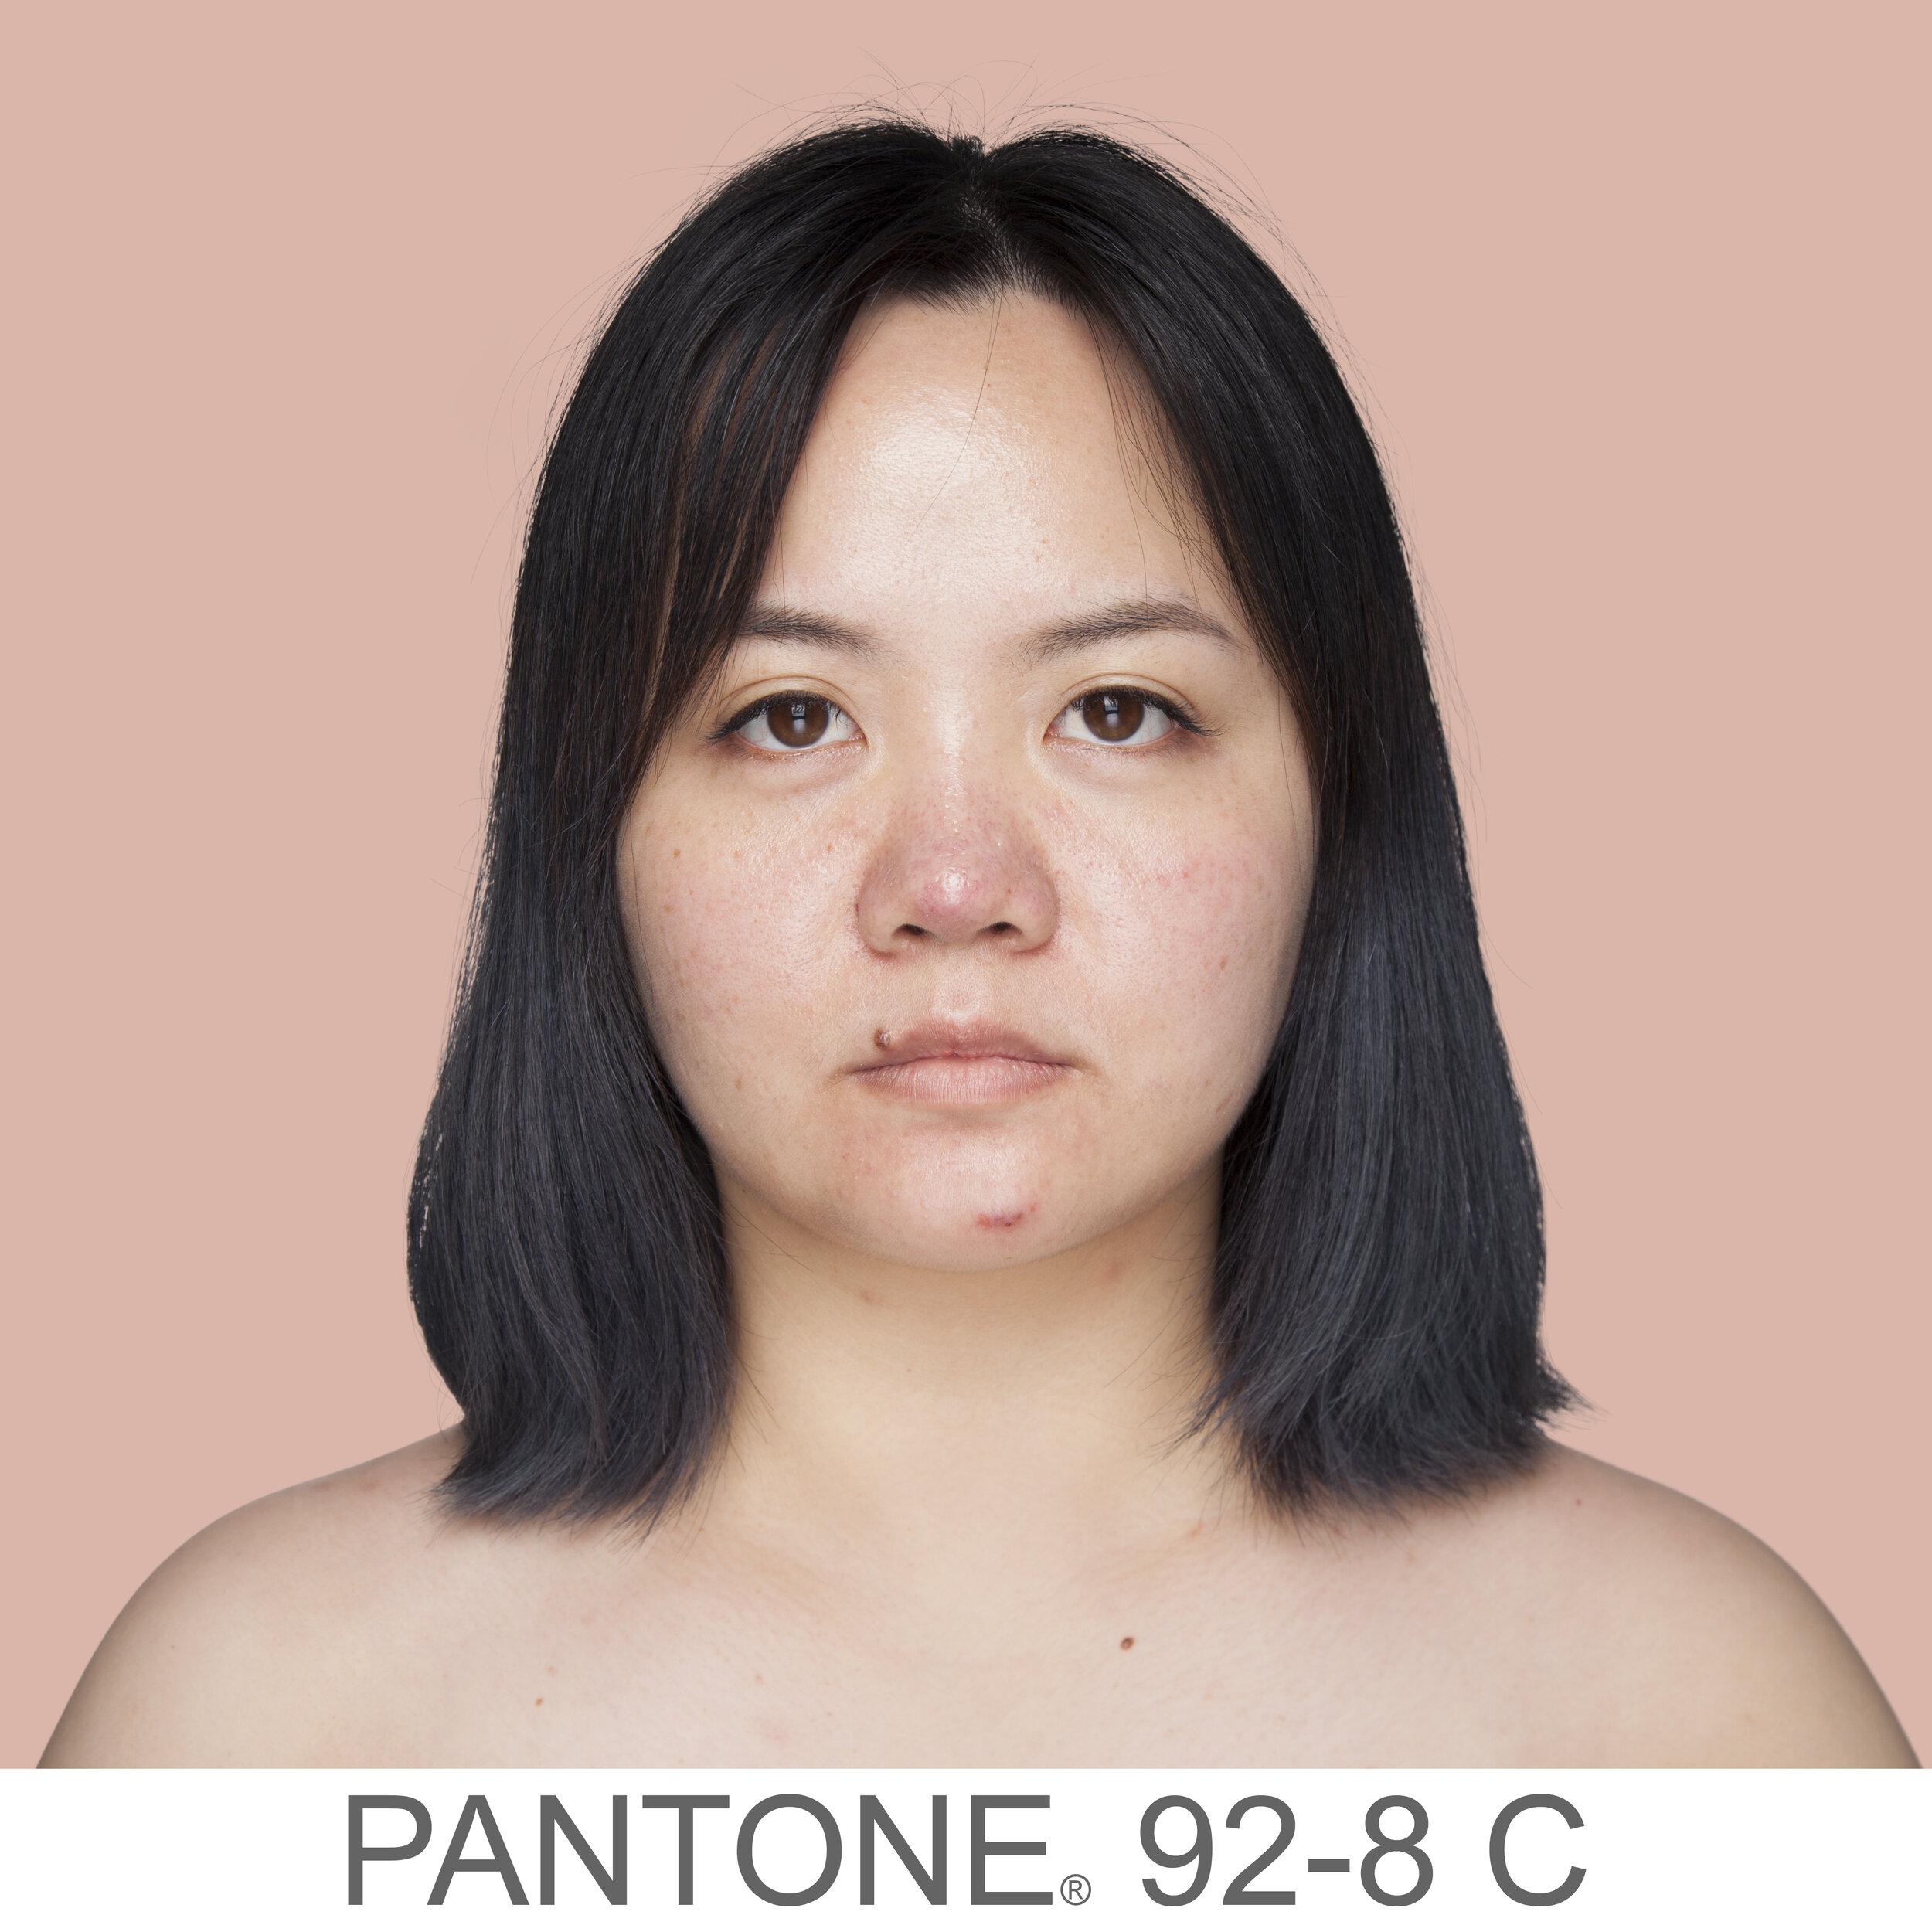 humanae 92-8 C CN copia.jpg